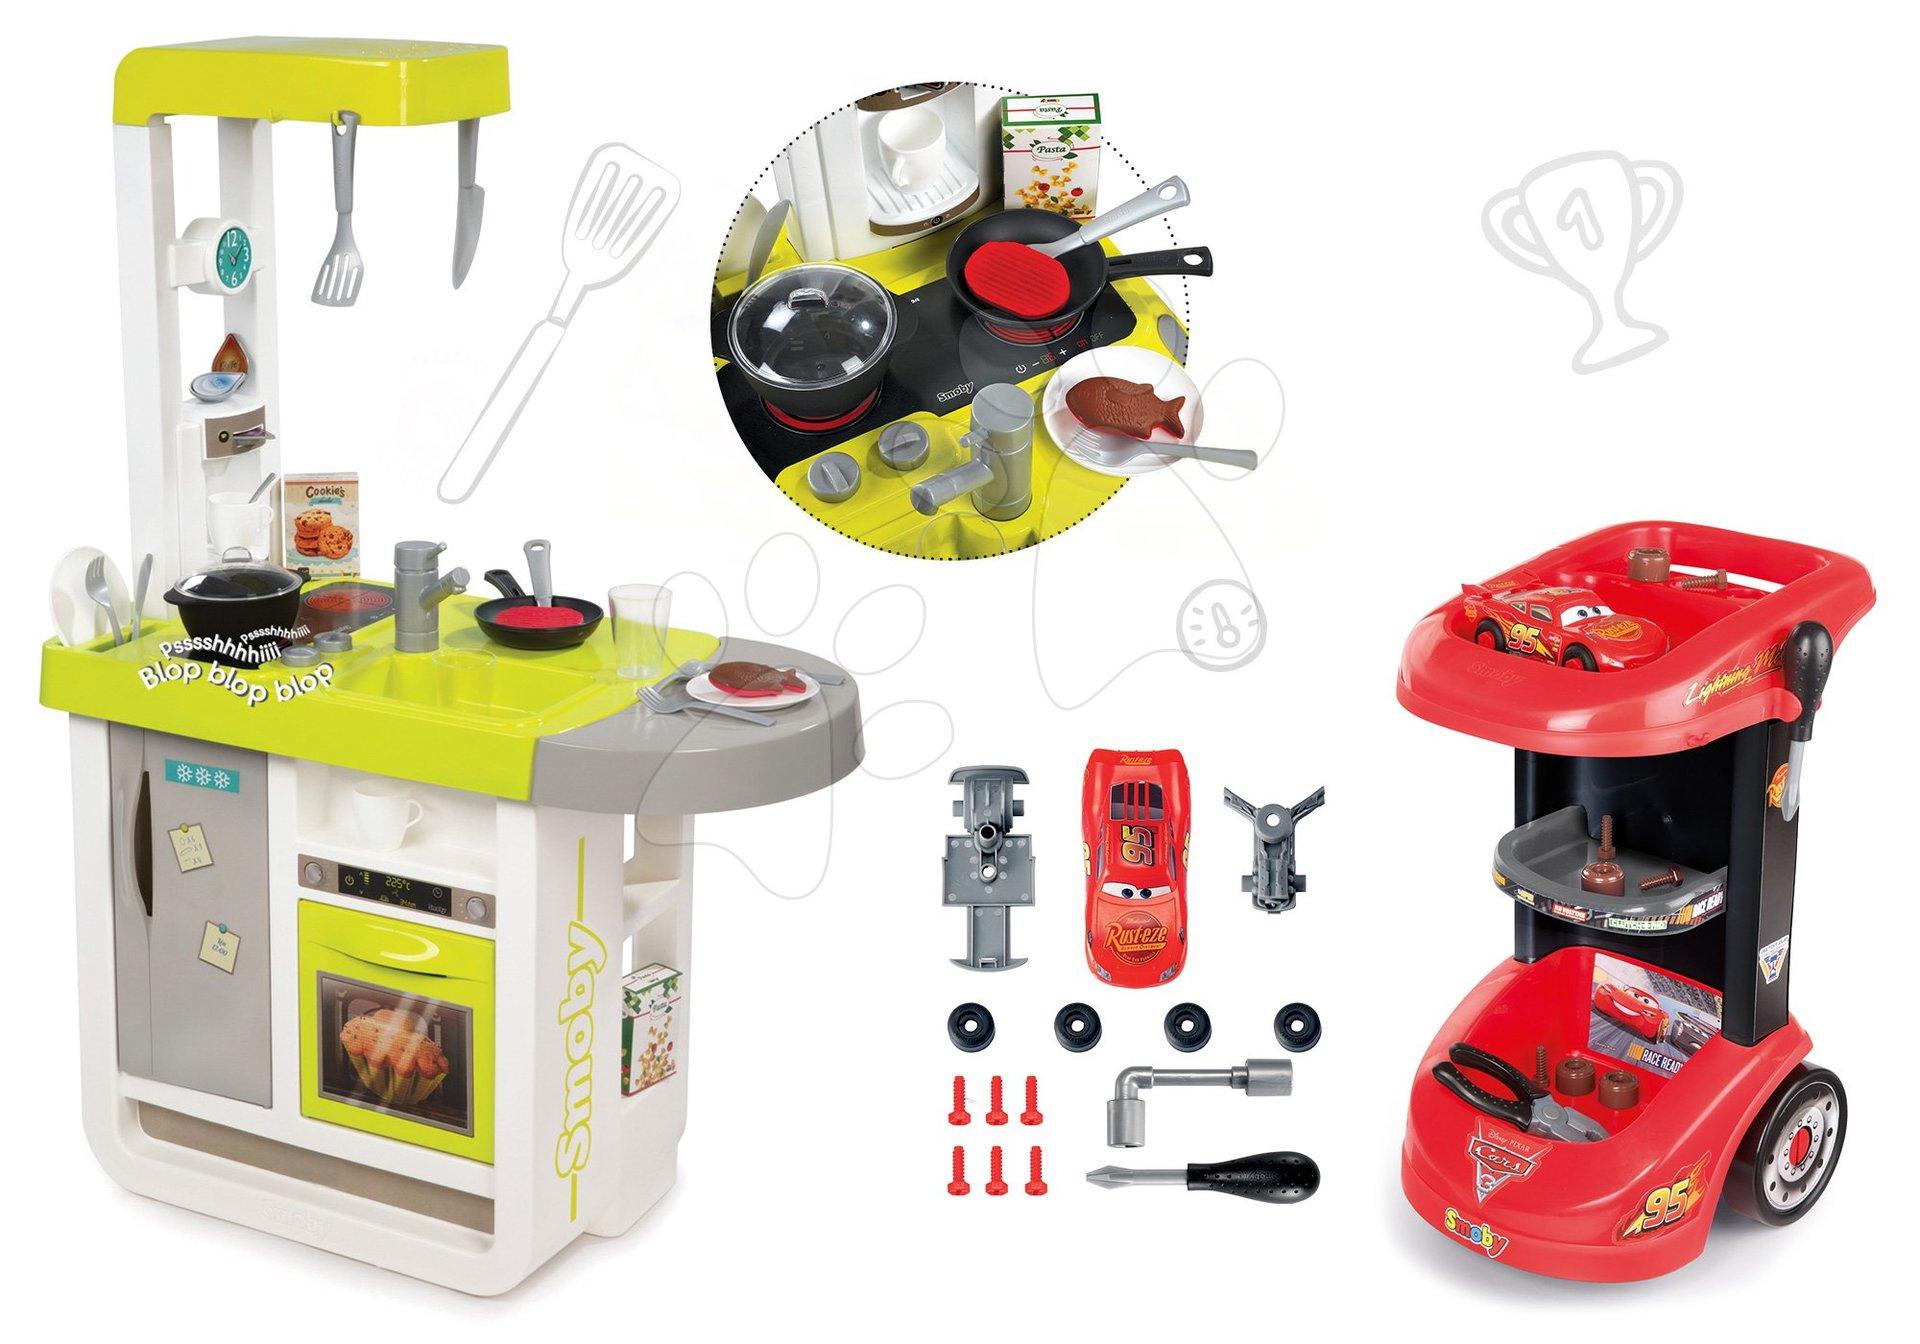 Smoby set detská kuchynka elektronická Cherry so zvukmi a pracovný vozík Autá 3 so skladacím autíčkom 310908-9